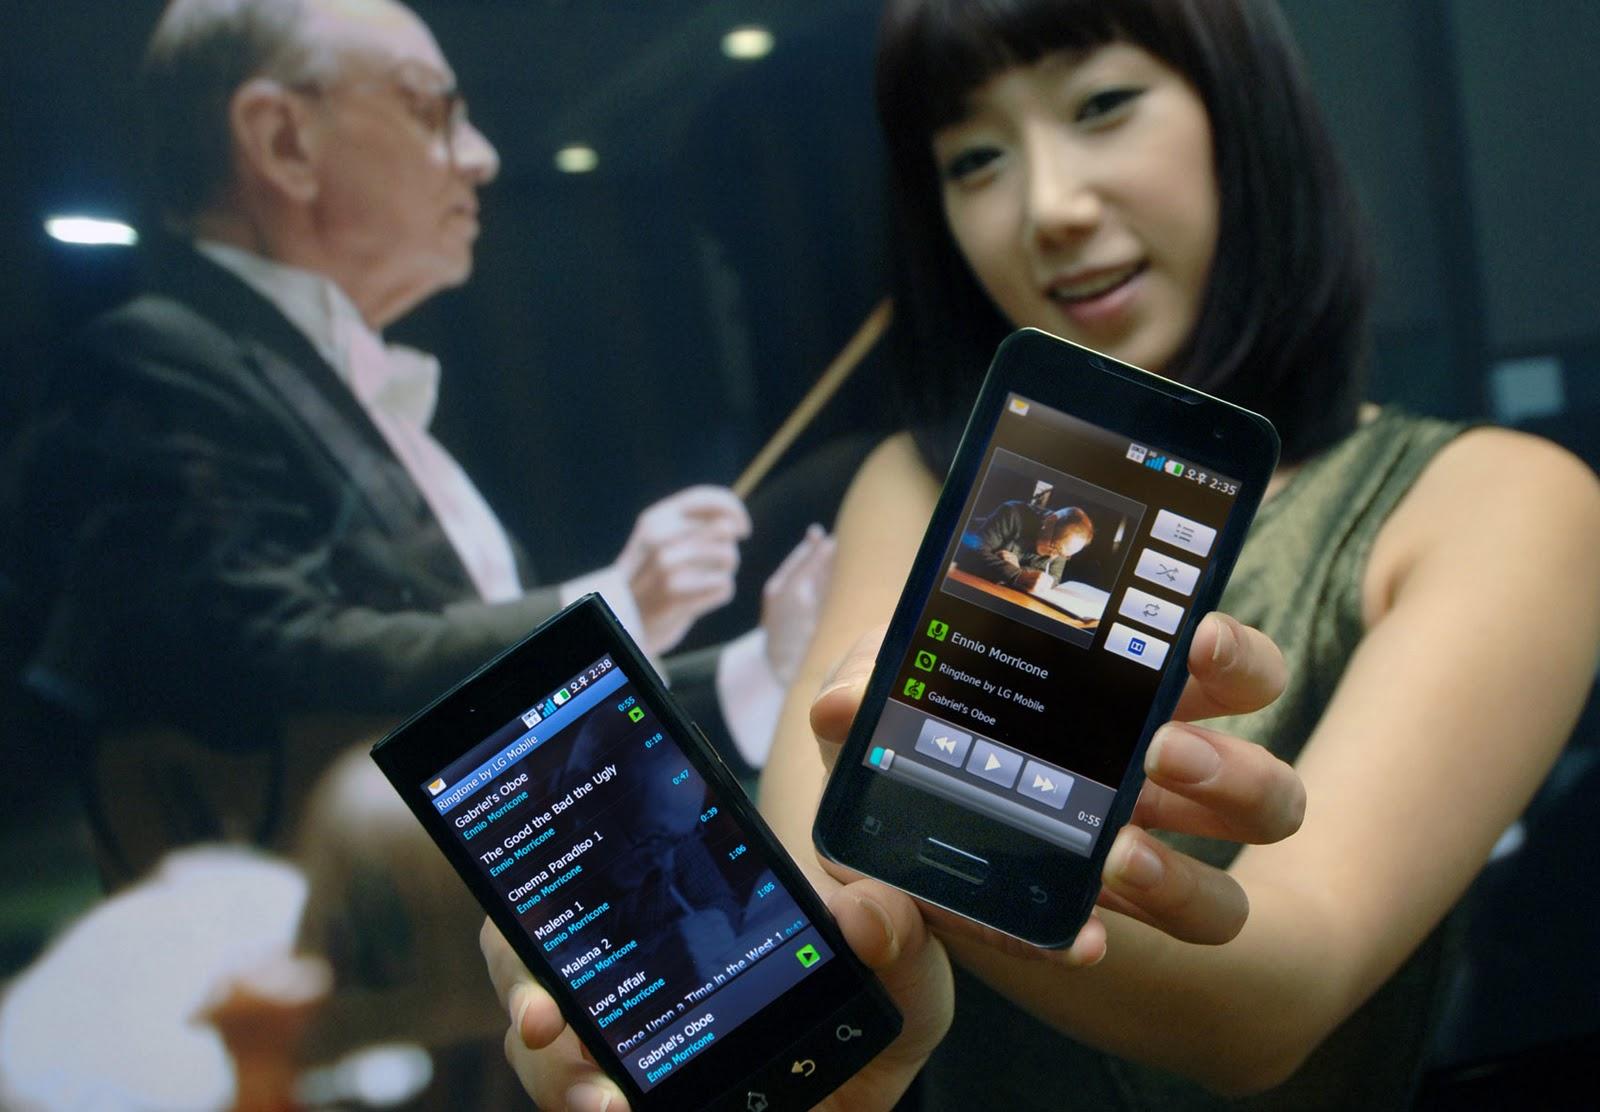 http://4.bp.blogspot.com/-K7qiLzbNpds/Tv7CRs6LulI/AAAAAAAAAWQ/LtEww92_yCA/s1600/www.gadgetsbuds.blogspot.com.jpg